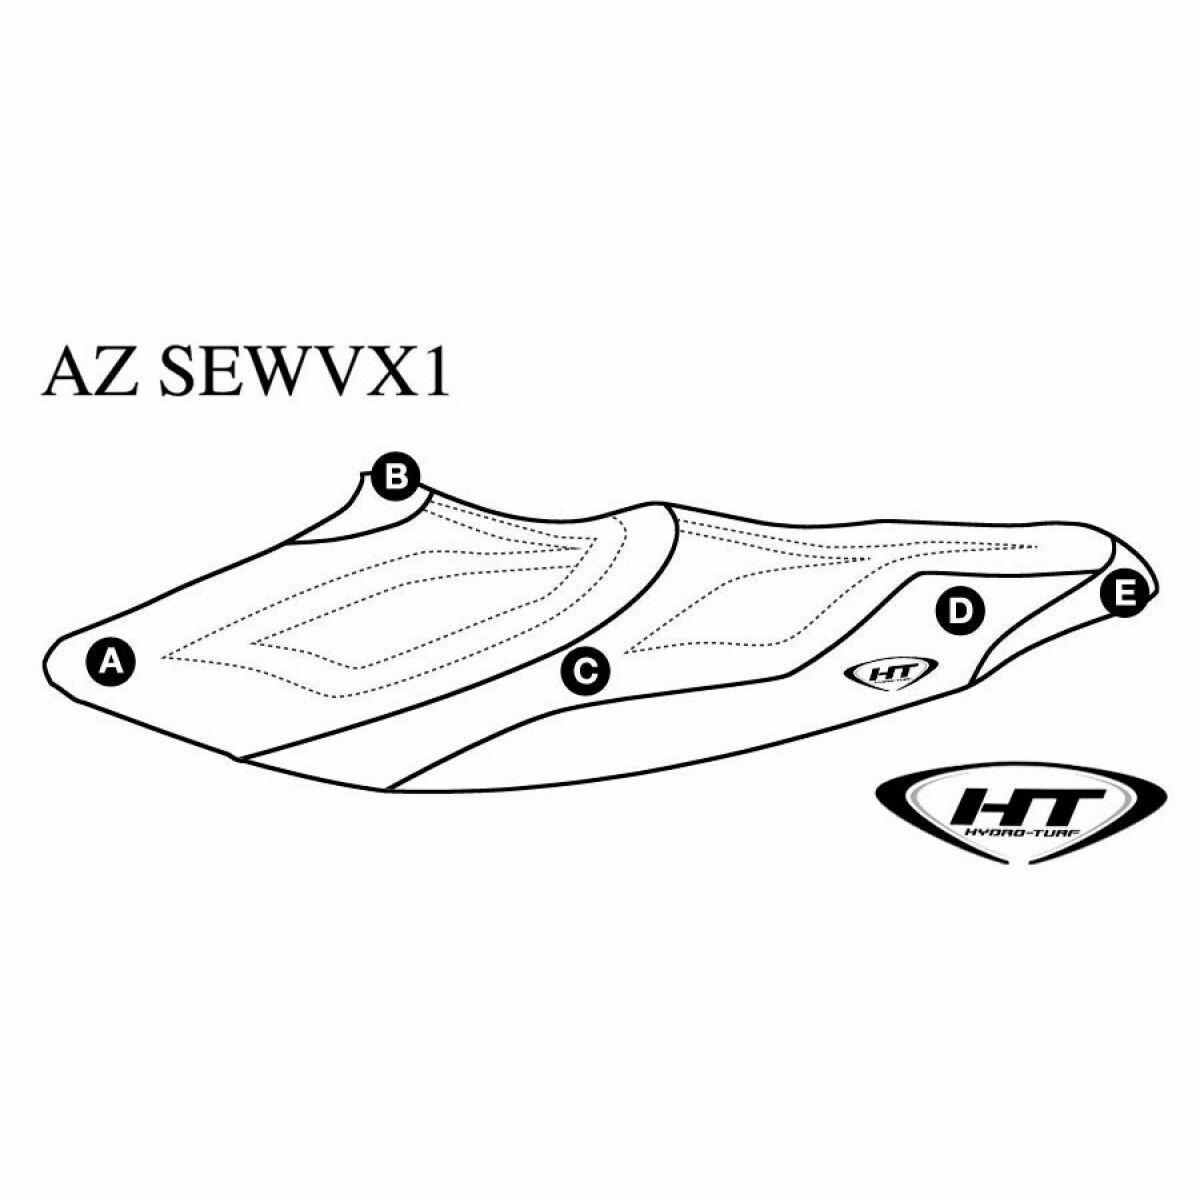 VXS / VX Deluxe / VX Sport (10-14) / V1 / V1 Sport (15-16)